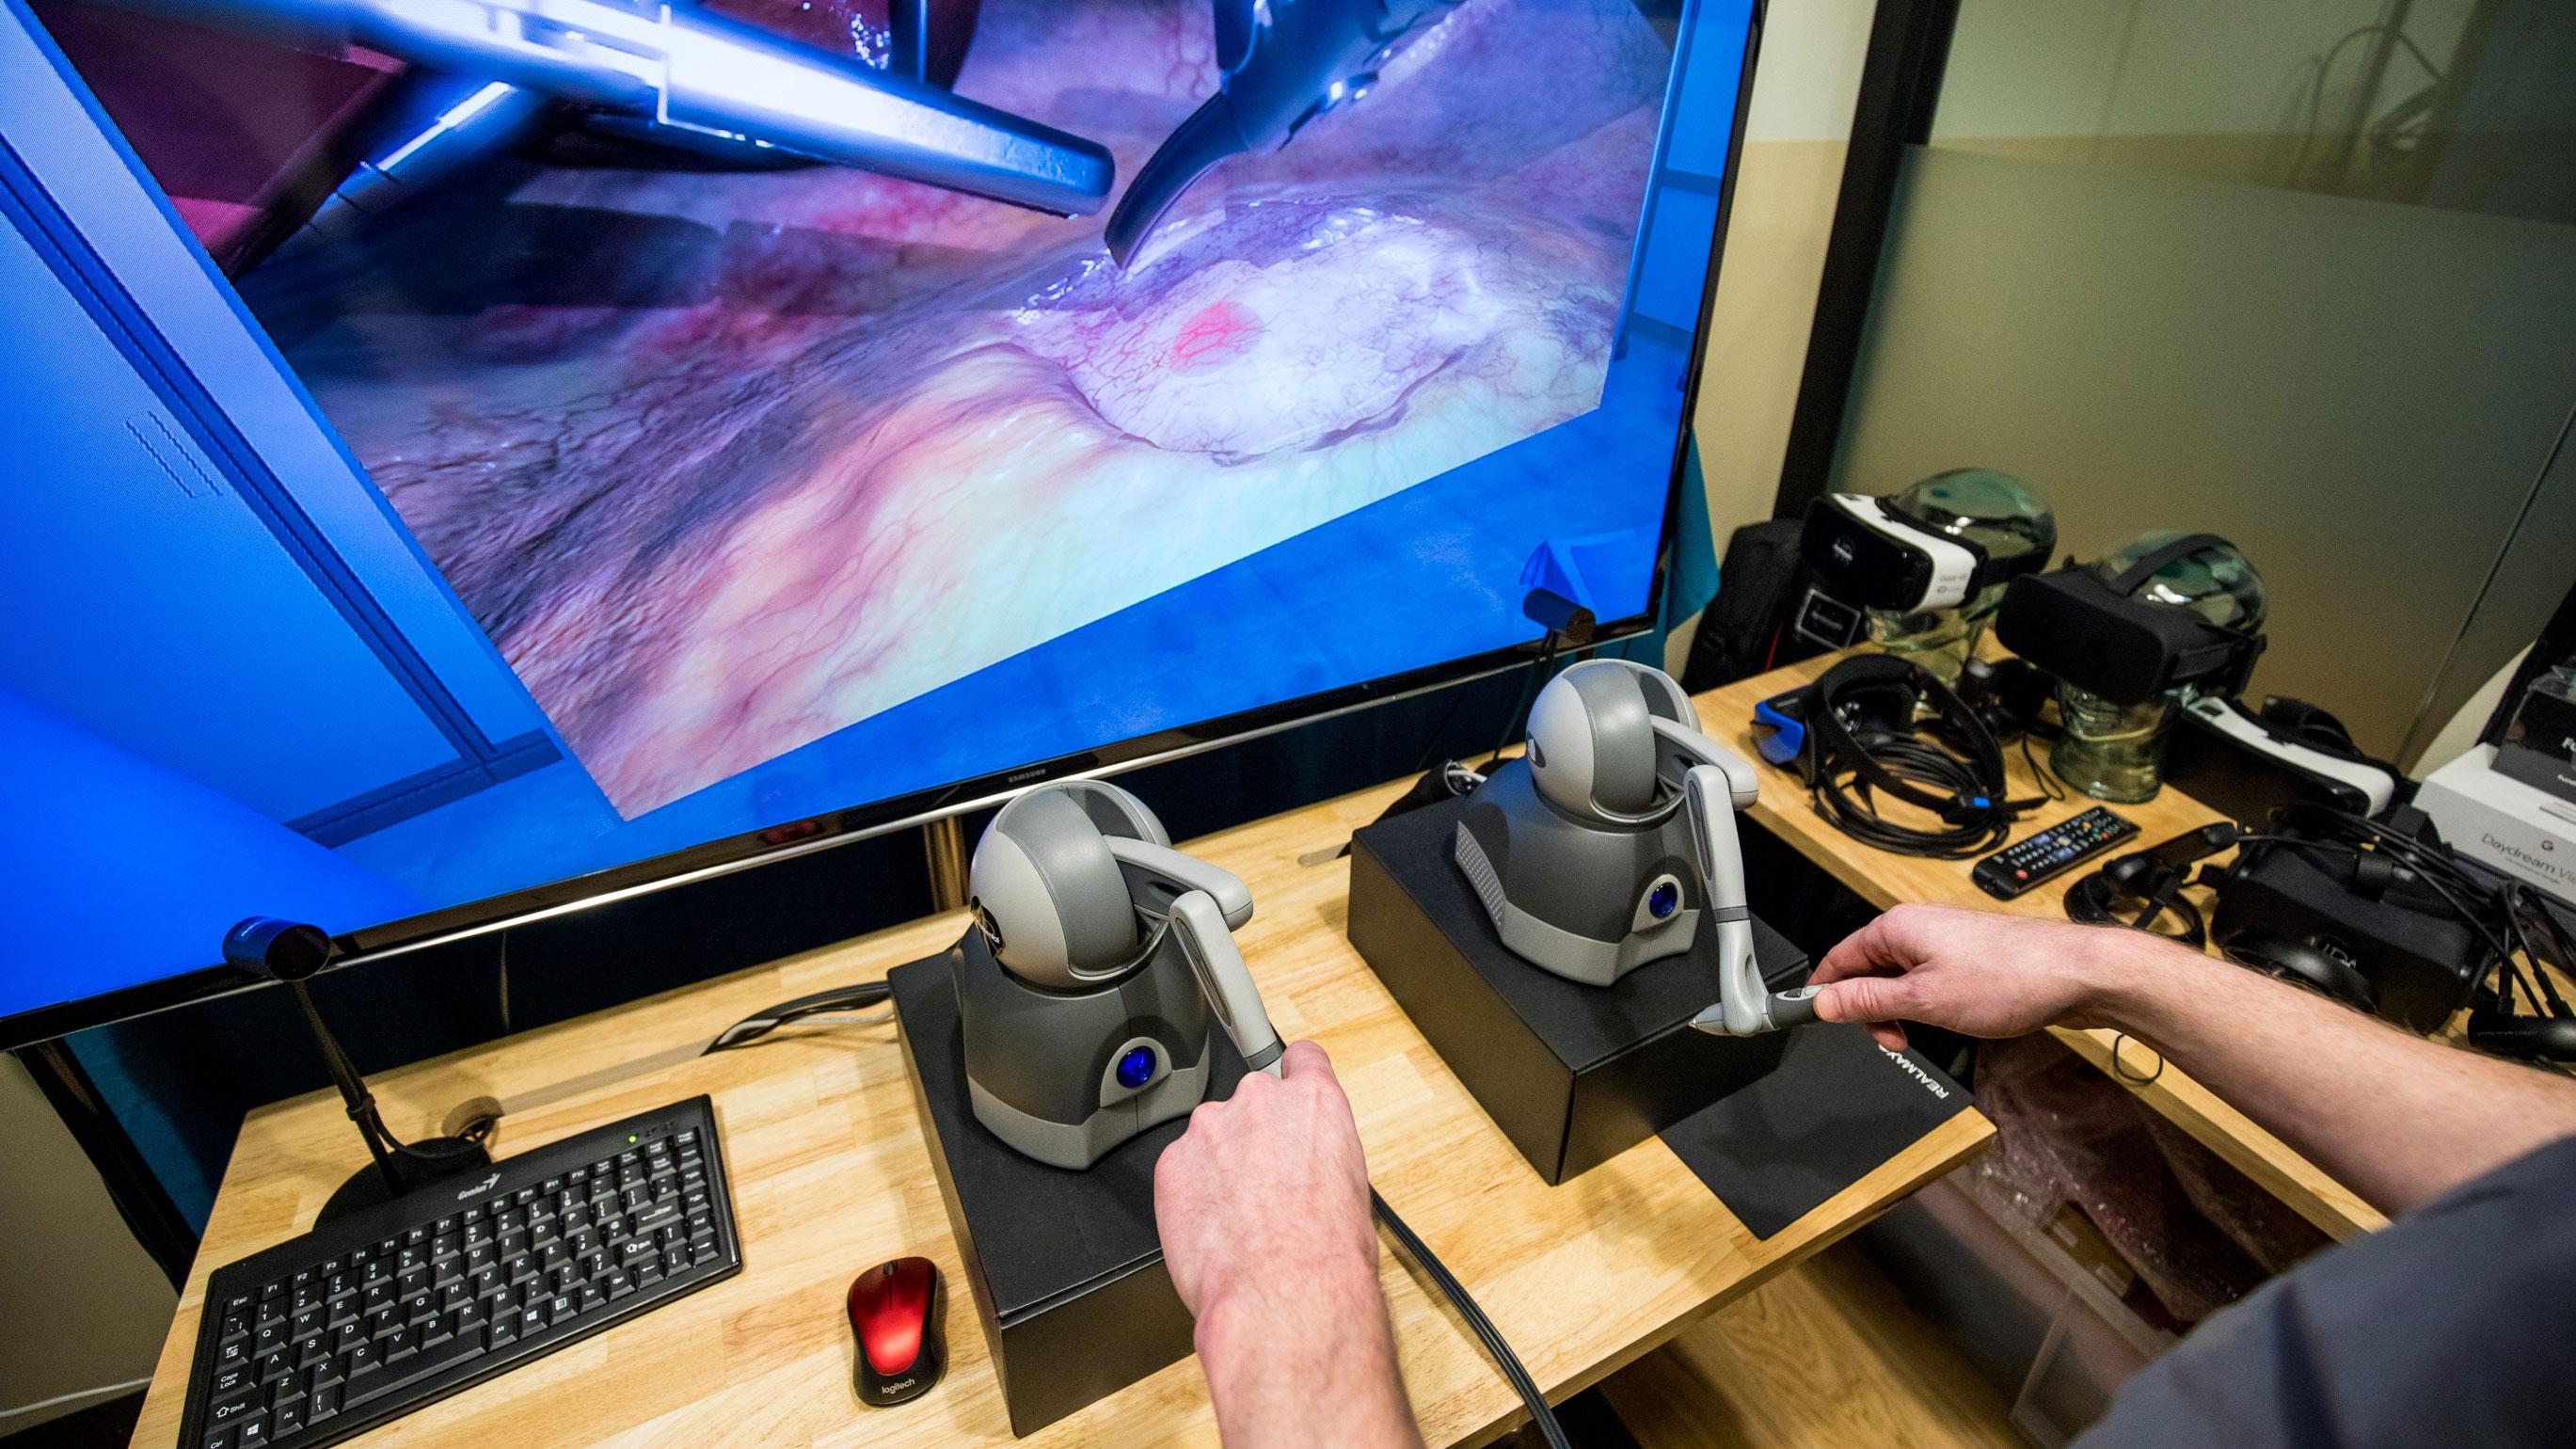 Conozca a la compañía haciendo hápticos para que pueda experimentar la sensación de cortar carne